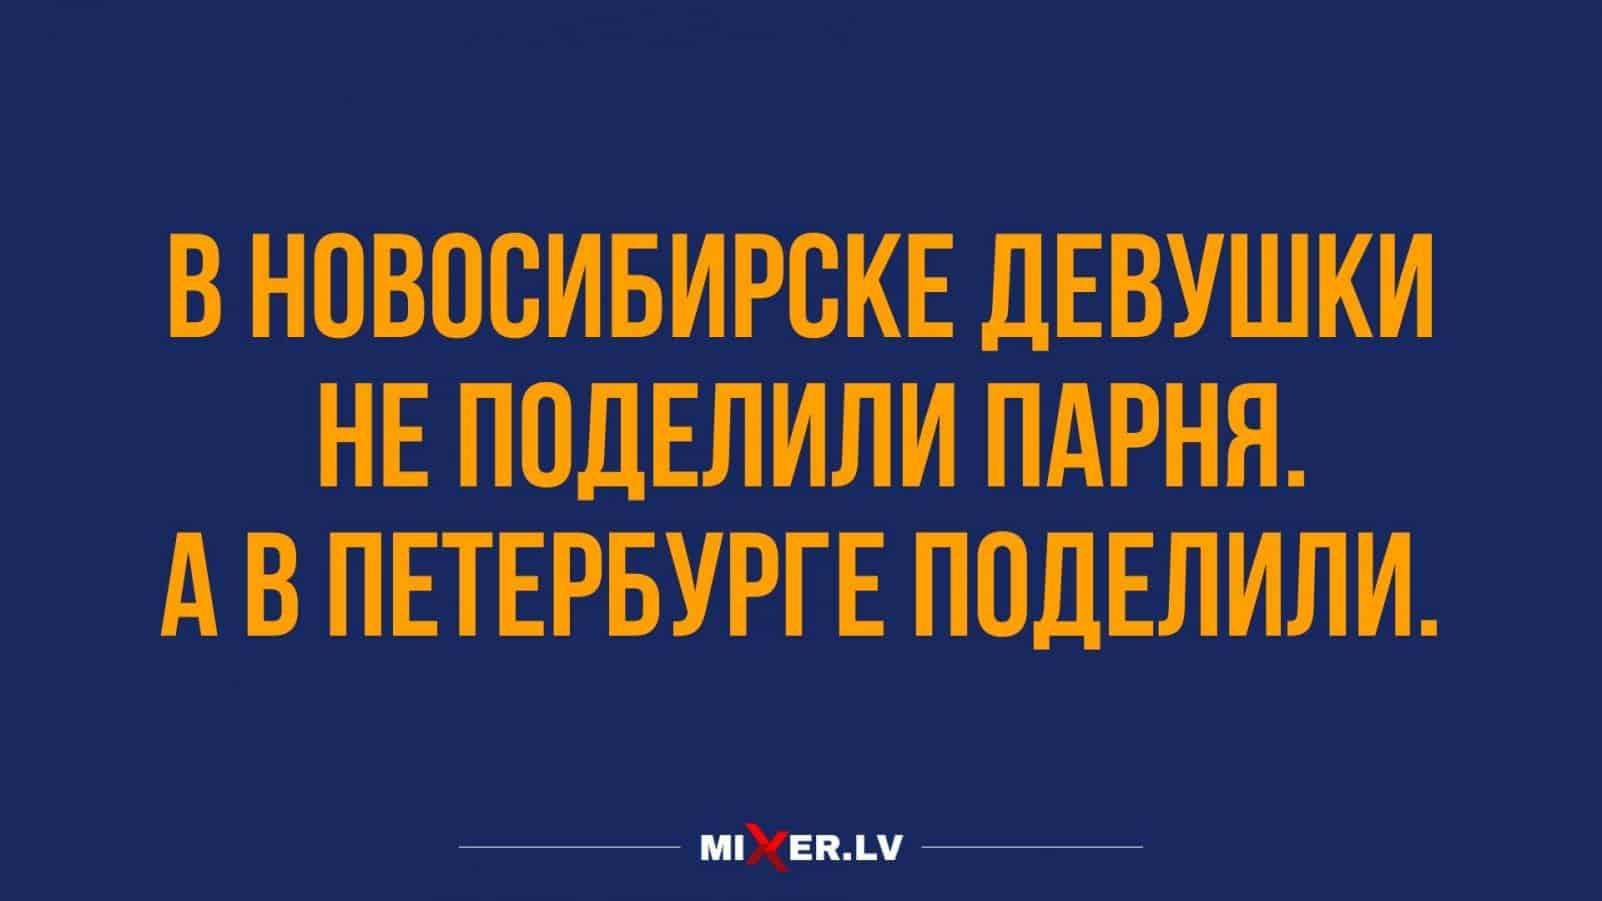 Юмор за день и Петербург